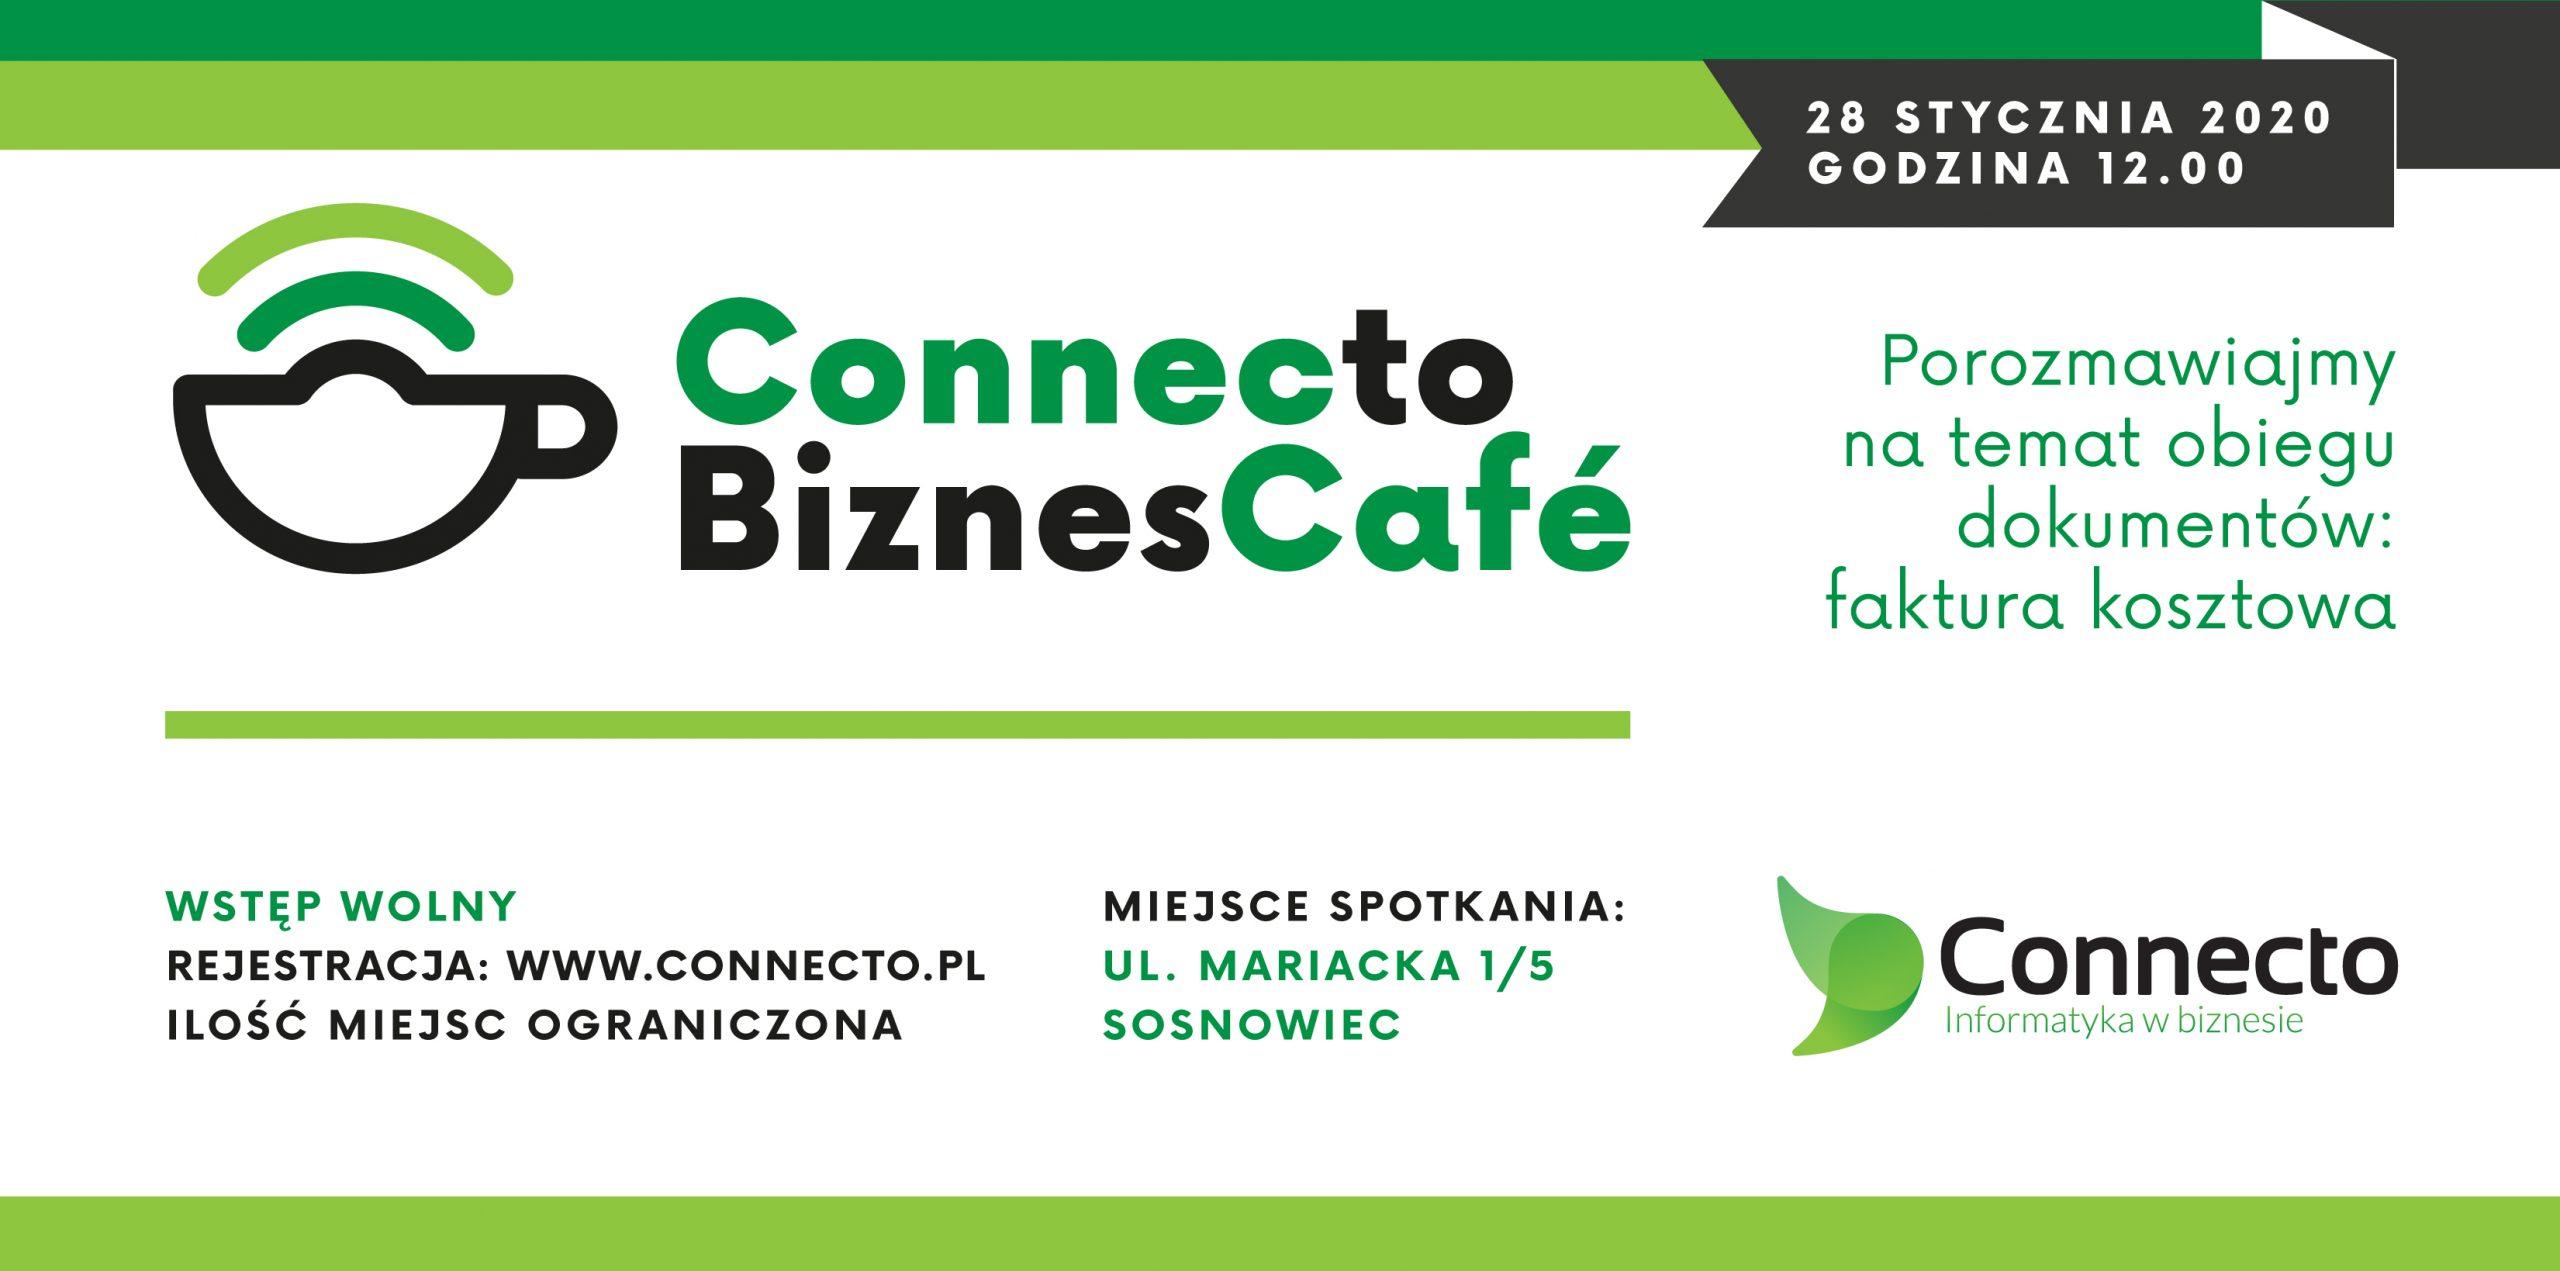 Ruszają spotkania Connect to Biznes Cafe. Na początek obieg dokumentów